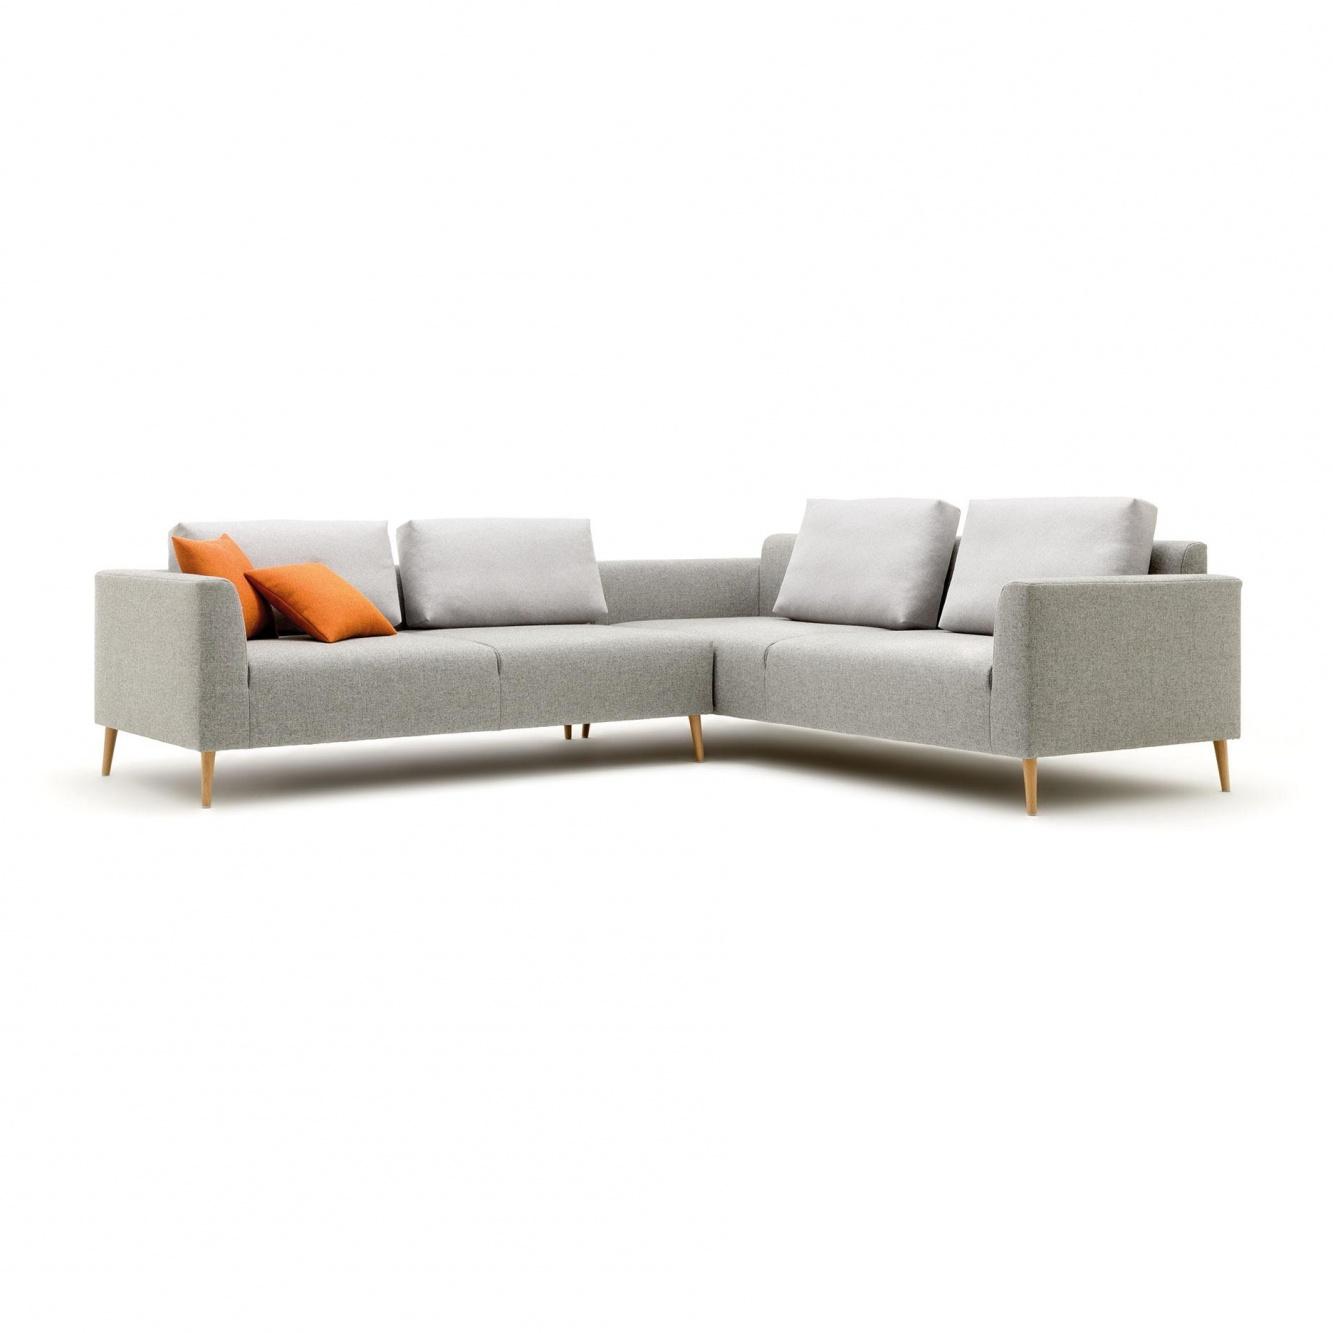 freistil Rolf Benz - freistil 162 - Canapé d'angle 289x232cm - gris télé clair/support en chêne/étoffe 7805/2x coussins haut& 2x coussins bas �